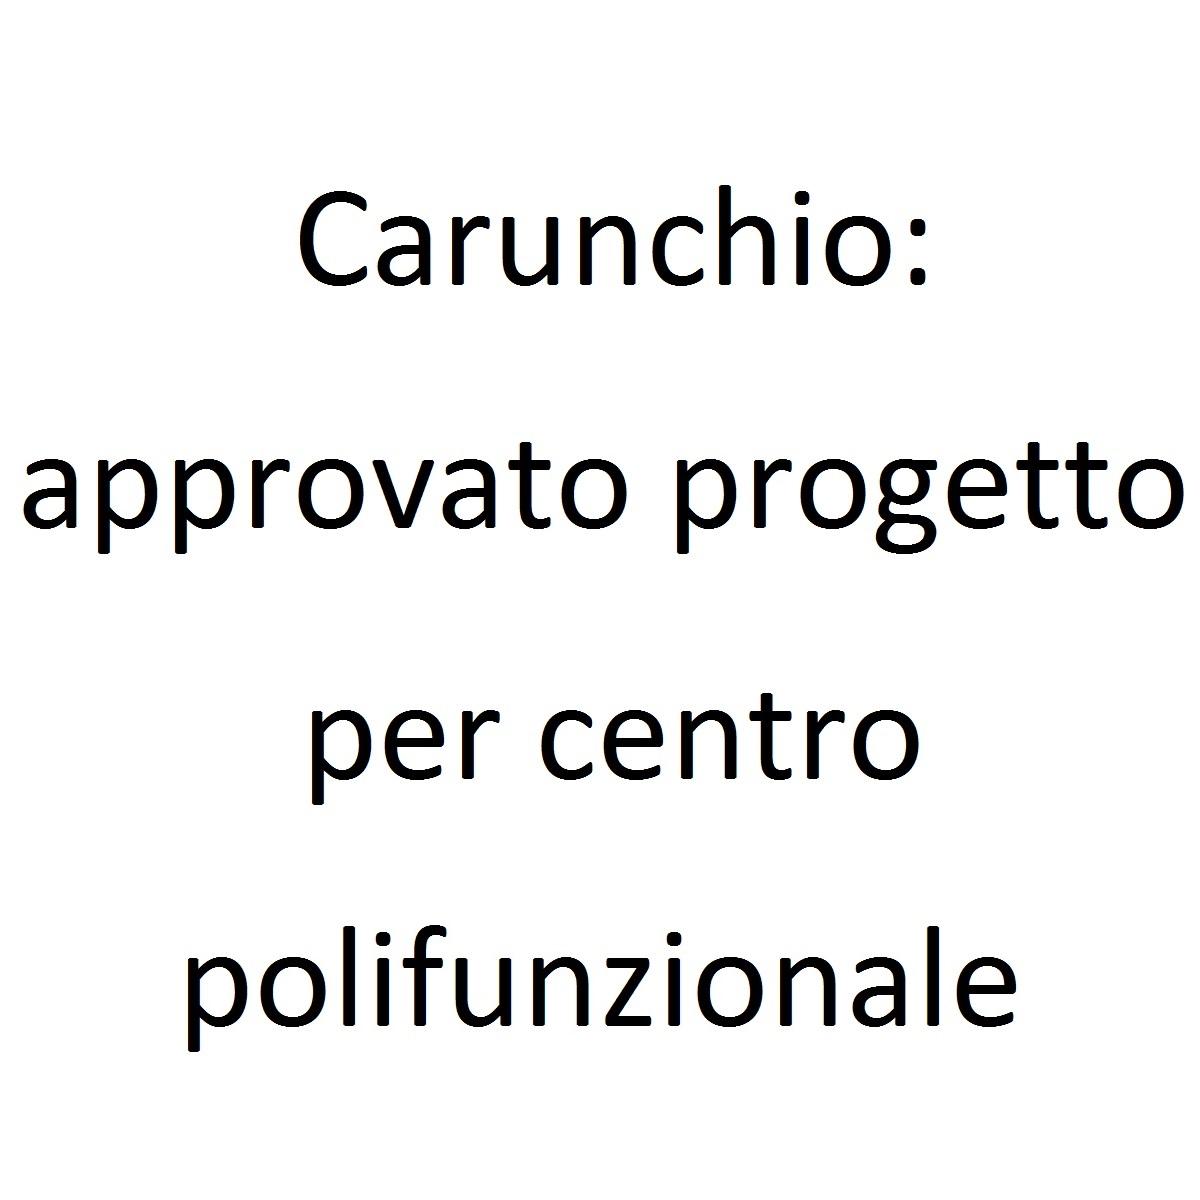 Carunchio approvato progetto per centro polifunzionale foto